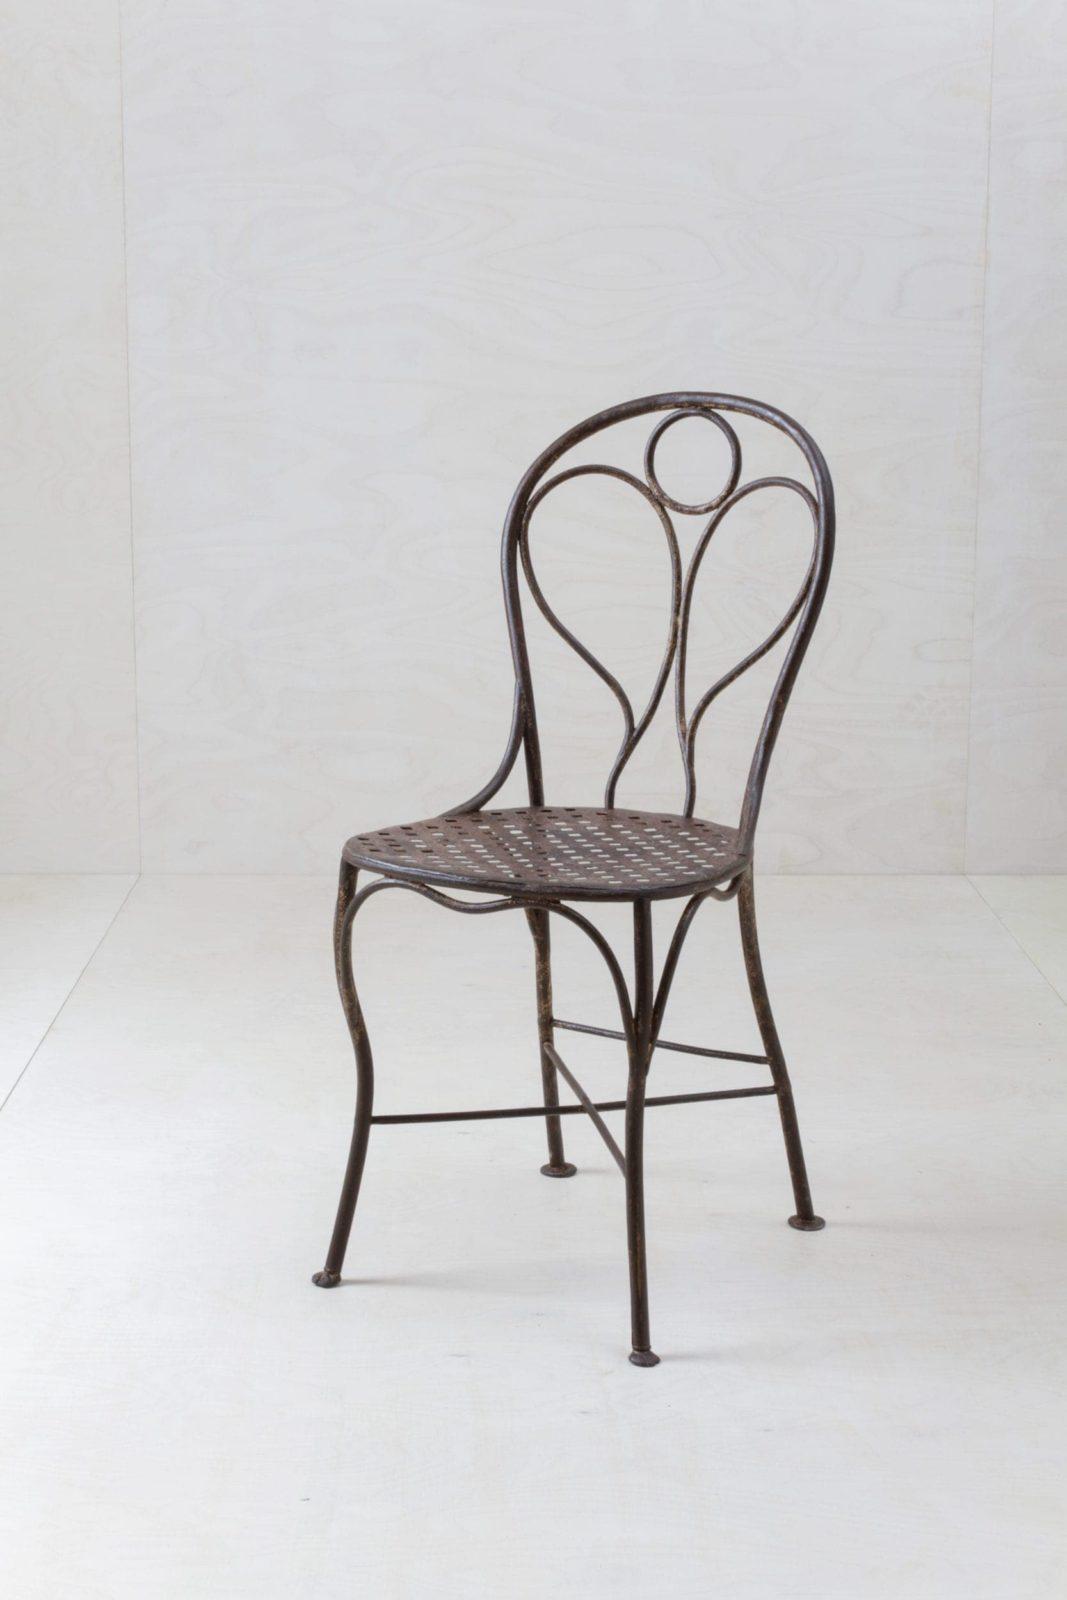 Gartenstuhl Juan | Unsere wunderschönen eisernen Gartenstühle mit eingearbeitetem Engel in der Rückenlehne datieren zurück bis circa in das Jahr 1880. | gotvintage Rental & Event Design